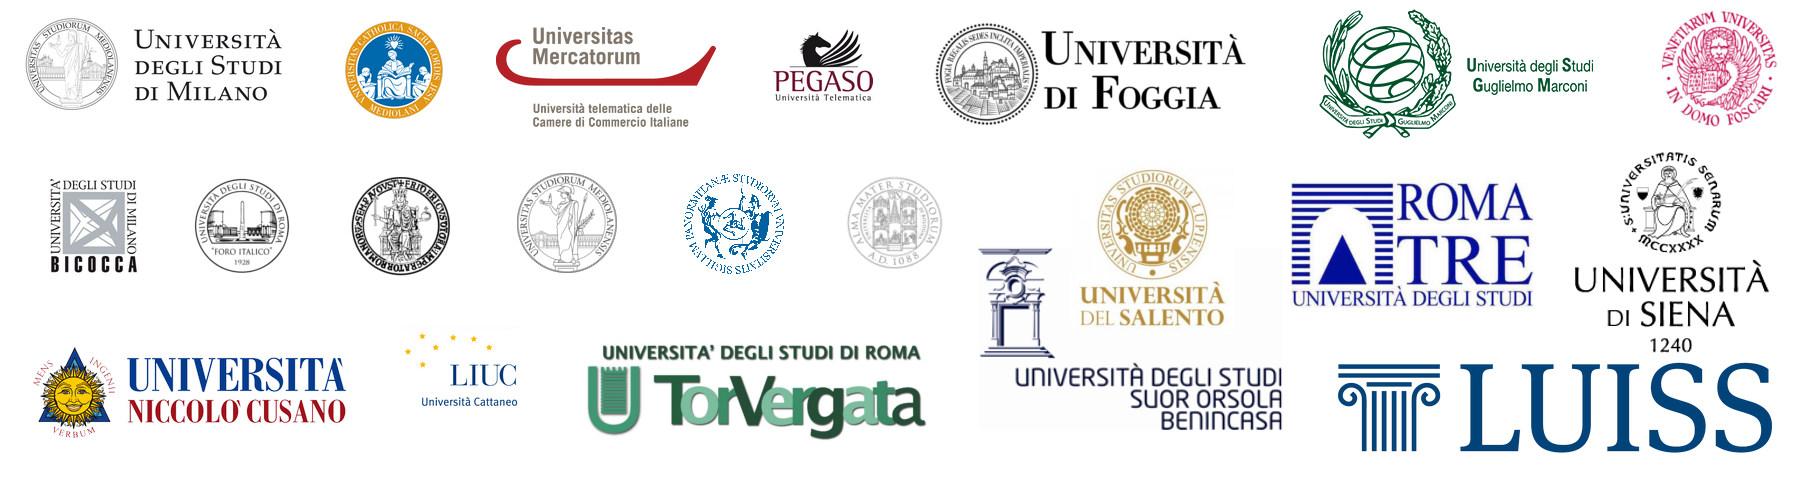 auto-tesi-universita-italiane